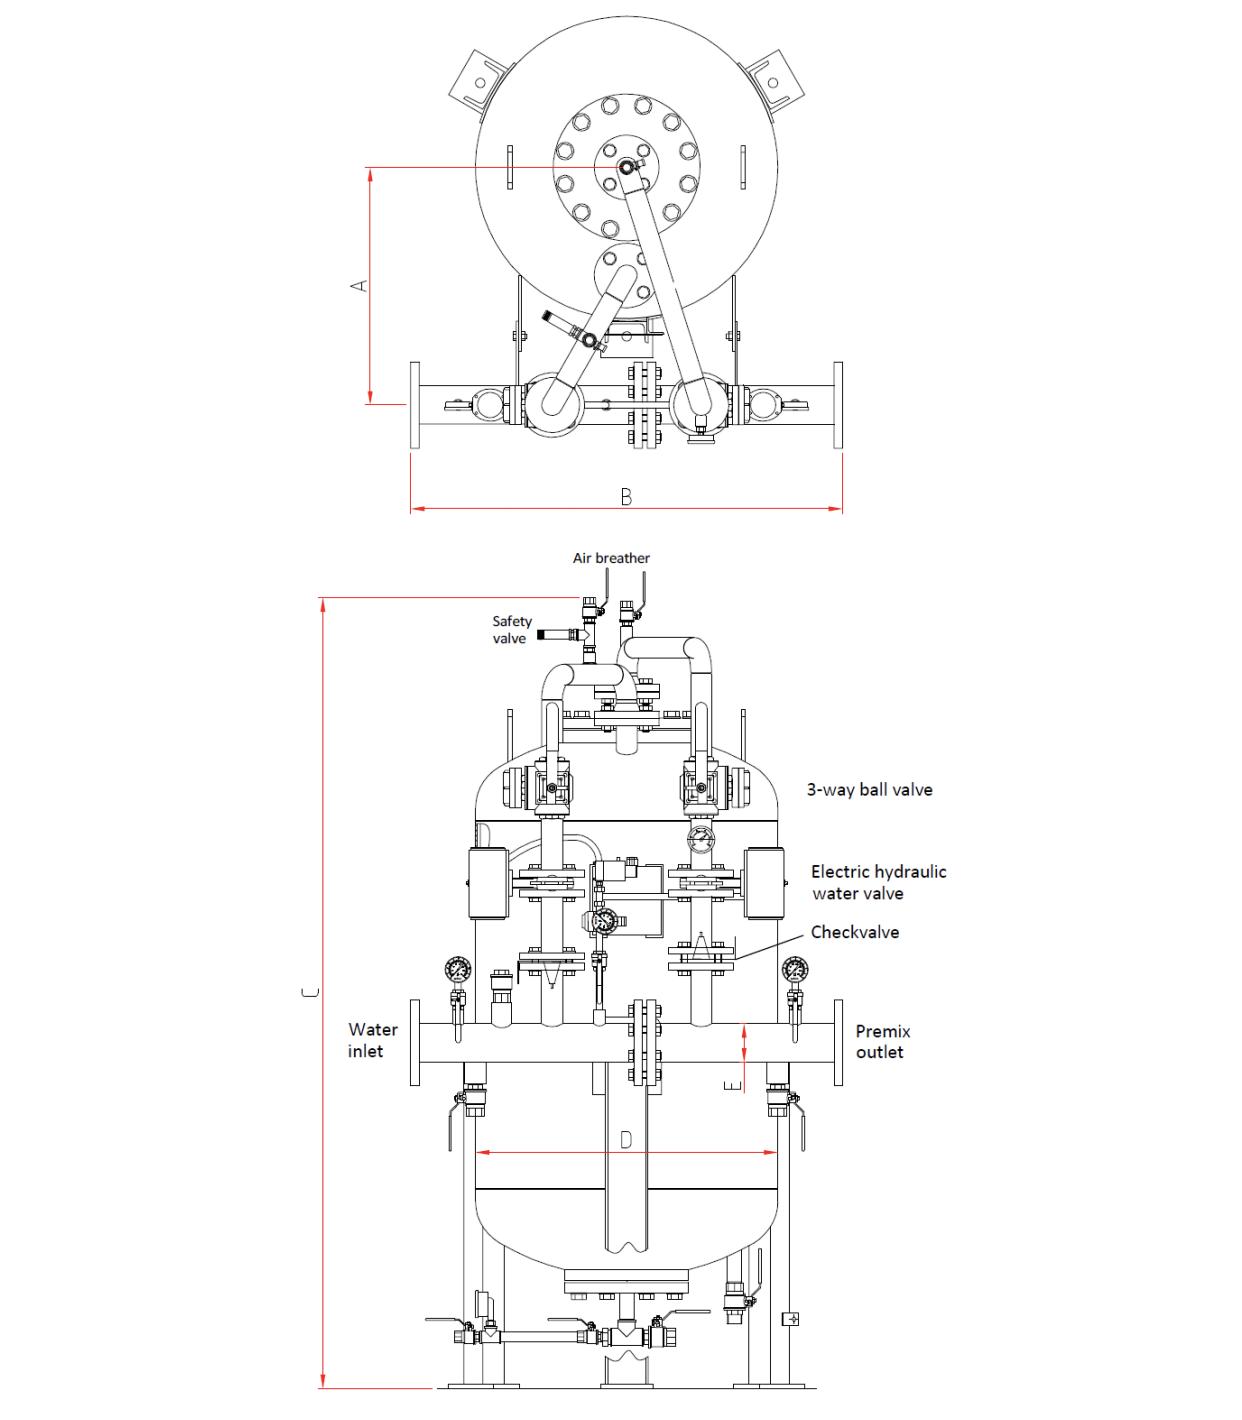 Technische specificatie verticale bladdertank met schuimmenger